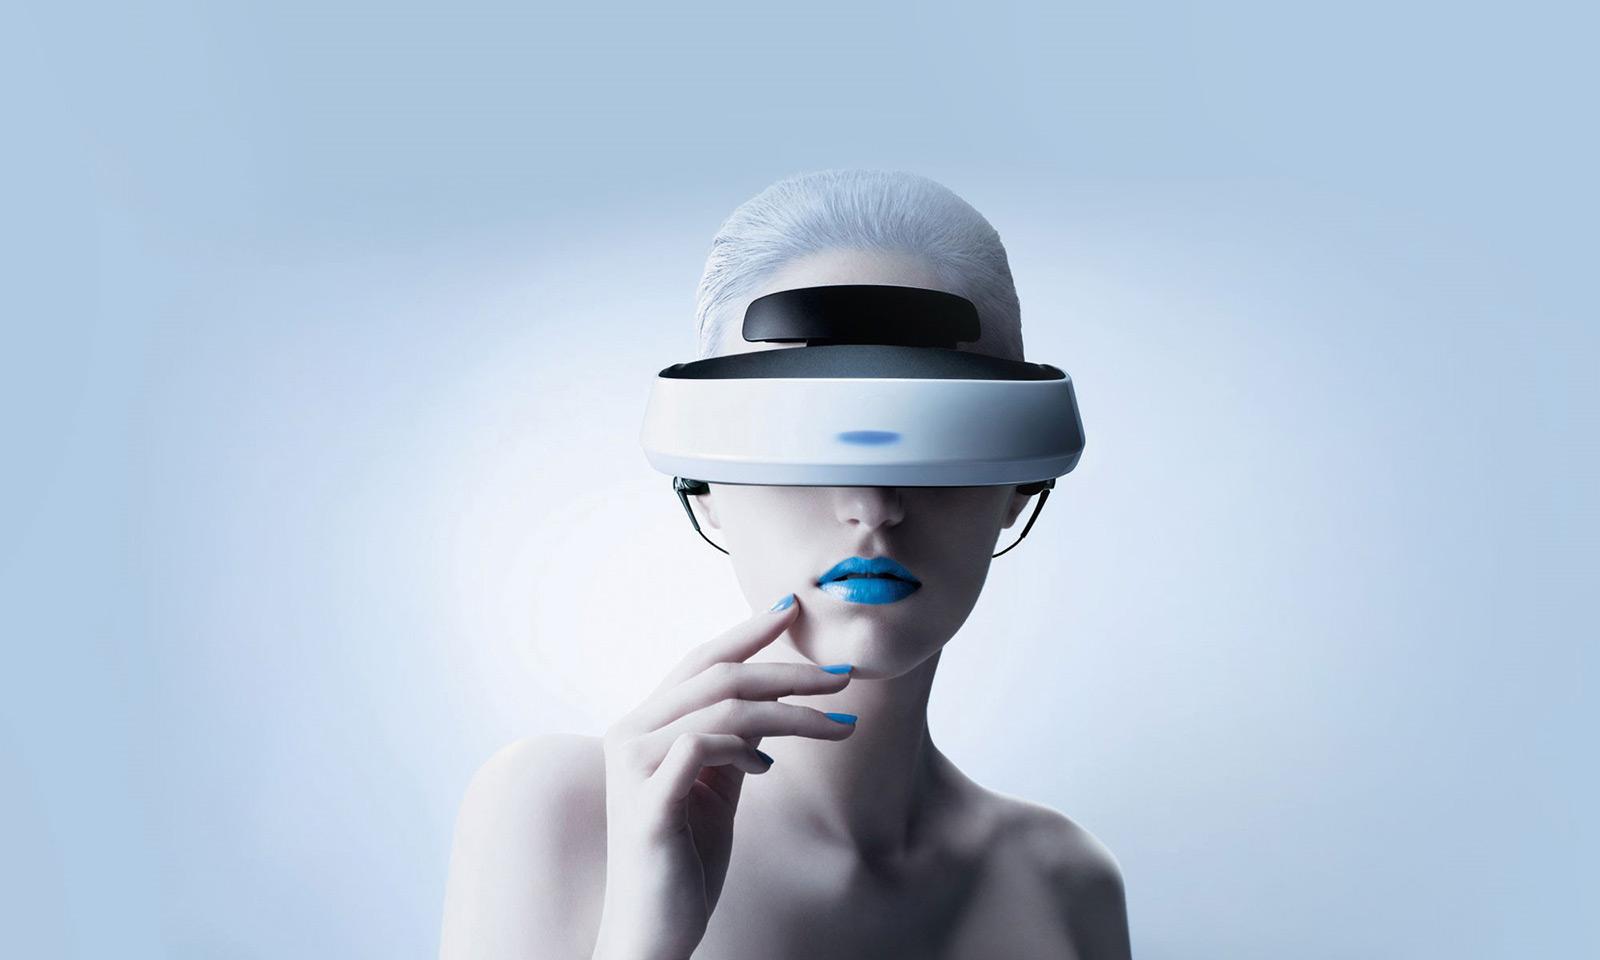 360VR для чайников. Про XXX-индустрию, или кому это выгодно?